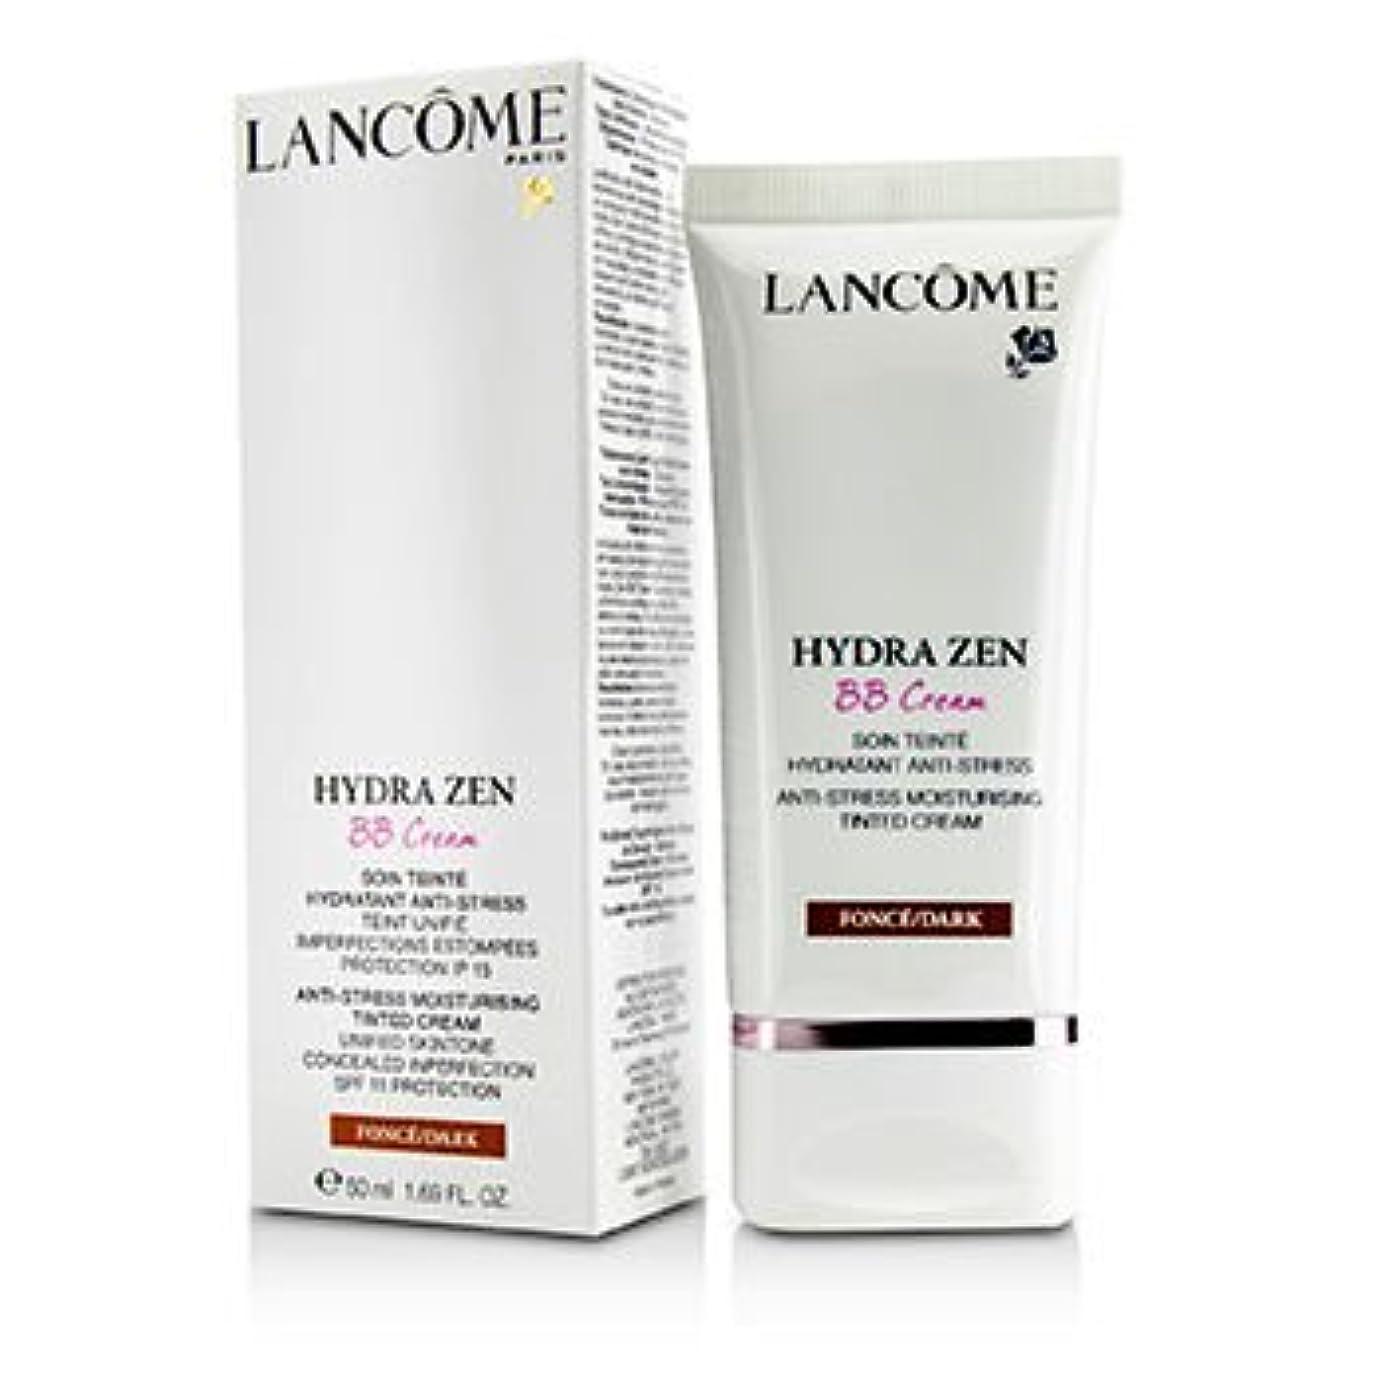 絡まる第二パット[Lancome] Lancome Hydra Zen (BB Cream) Anti-Stress Moisturising Tinted Cream SPF 15 - # Dark 50ml/1.69oz